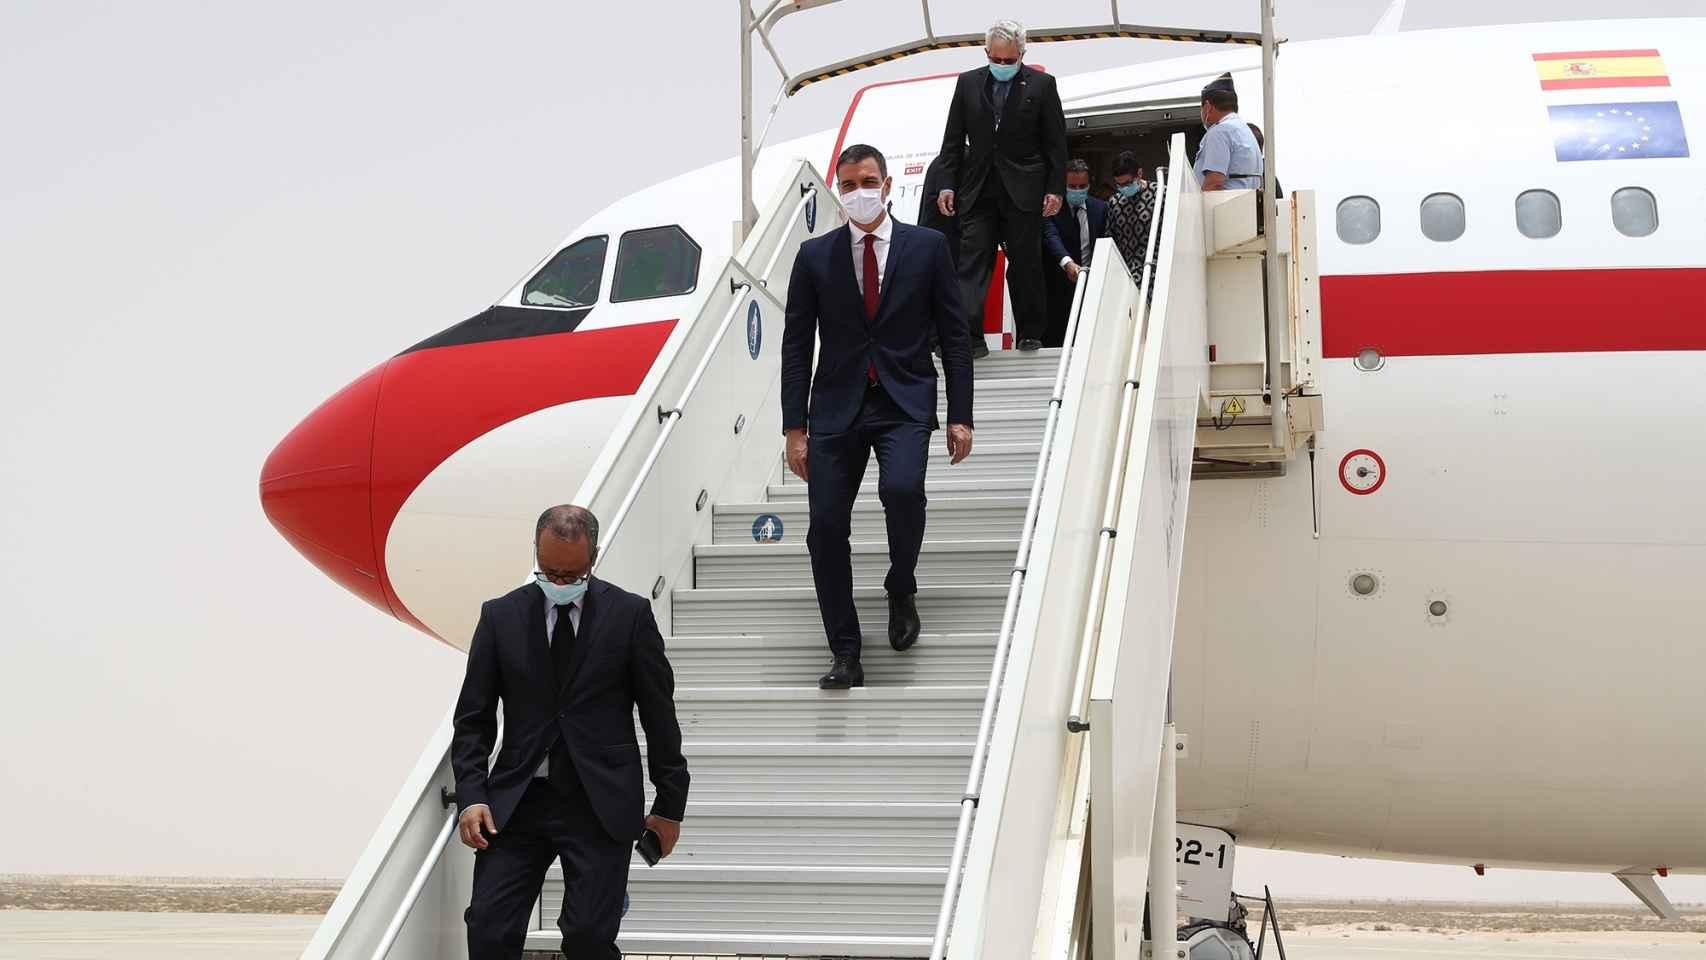 El presidente del Gobierno, Pedro Sánchez, durante uno de sus viajes.